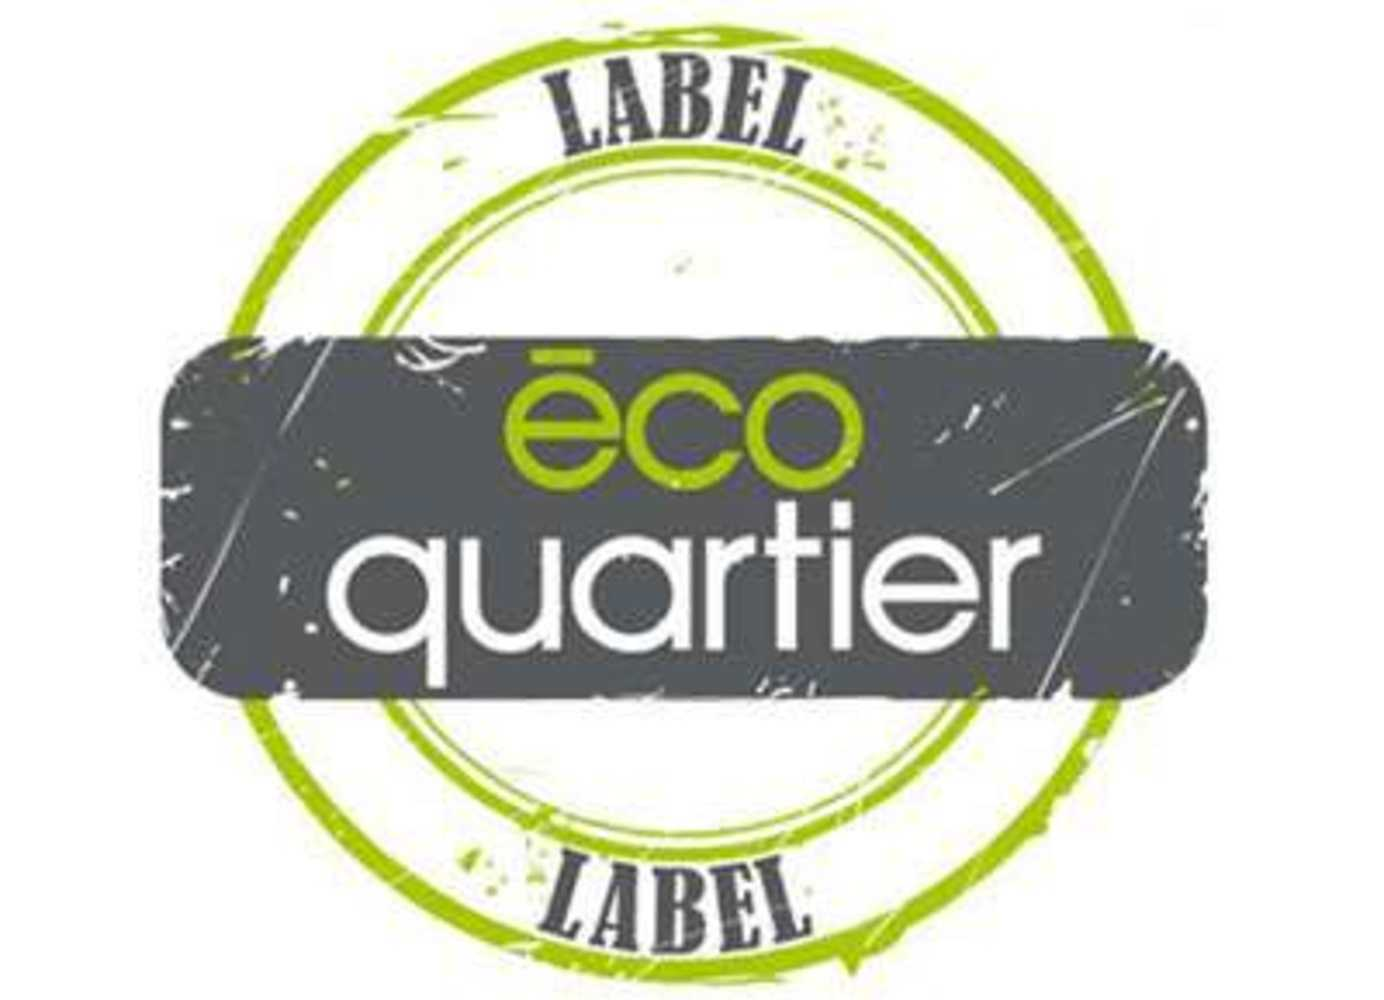 Commission urbanisme le 18 janvier 2017 label-ecoquartier-9831